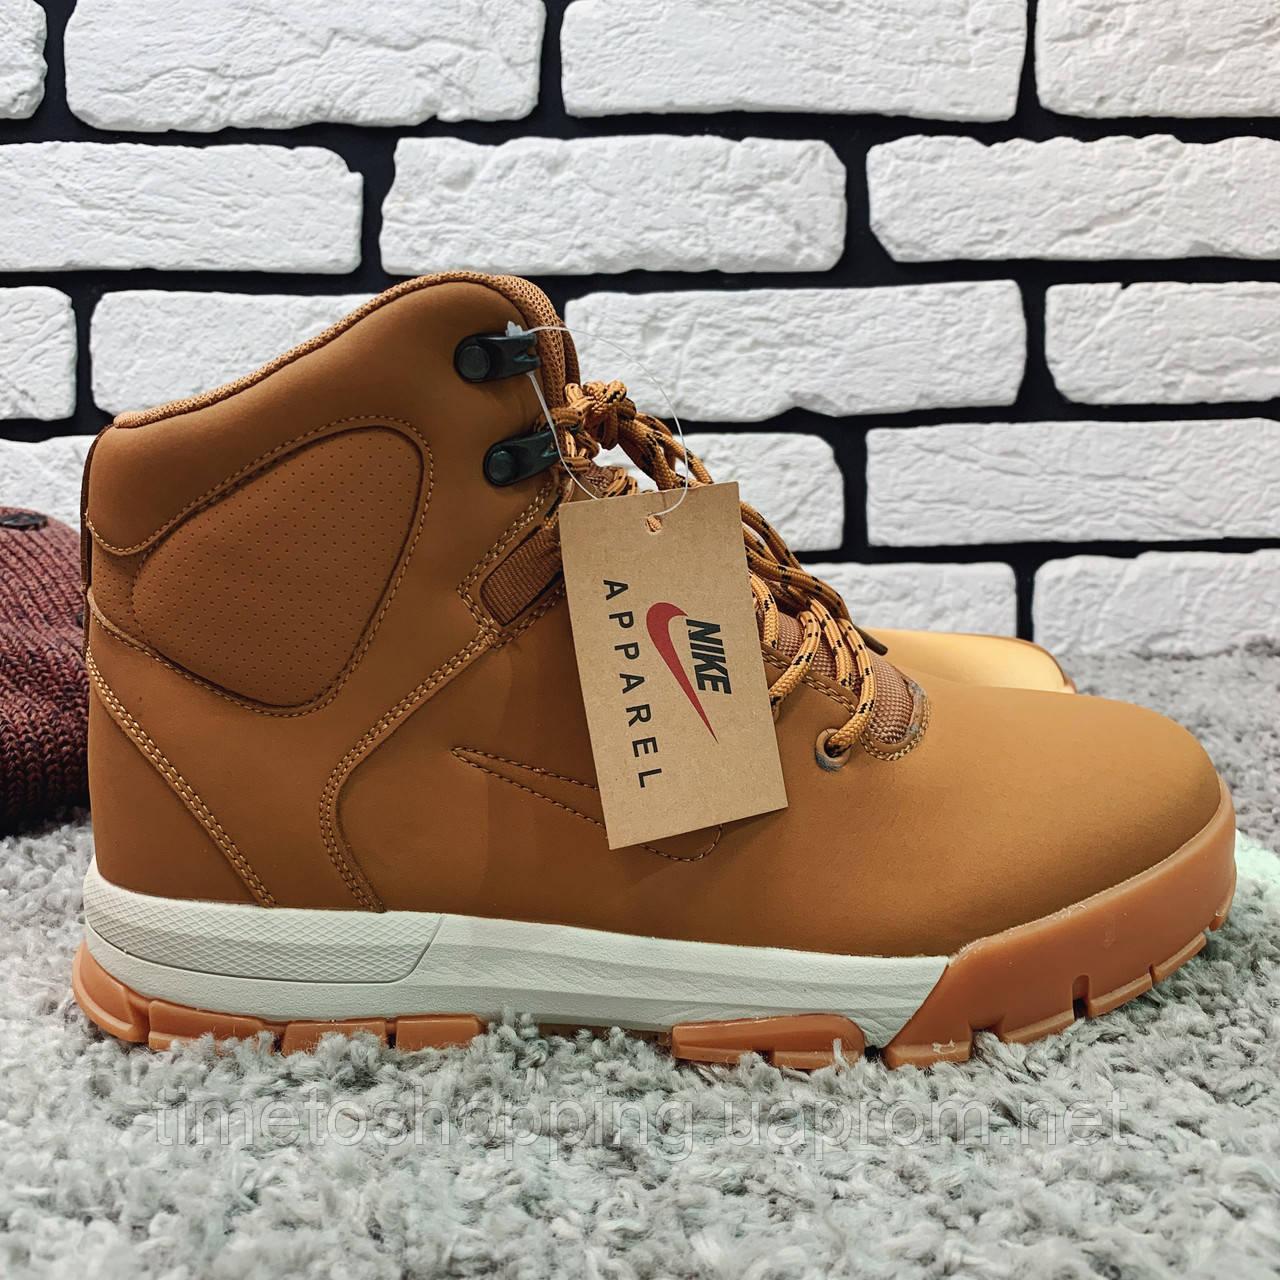 Зимові черевики (на хутрі) чоловічі Nike Air Lunarridge 1-137 ⏩ [ 42 останній розмір ]